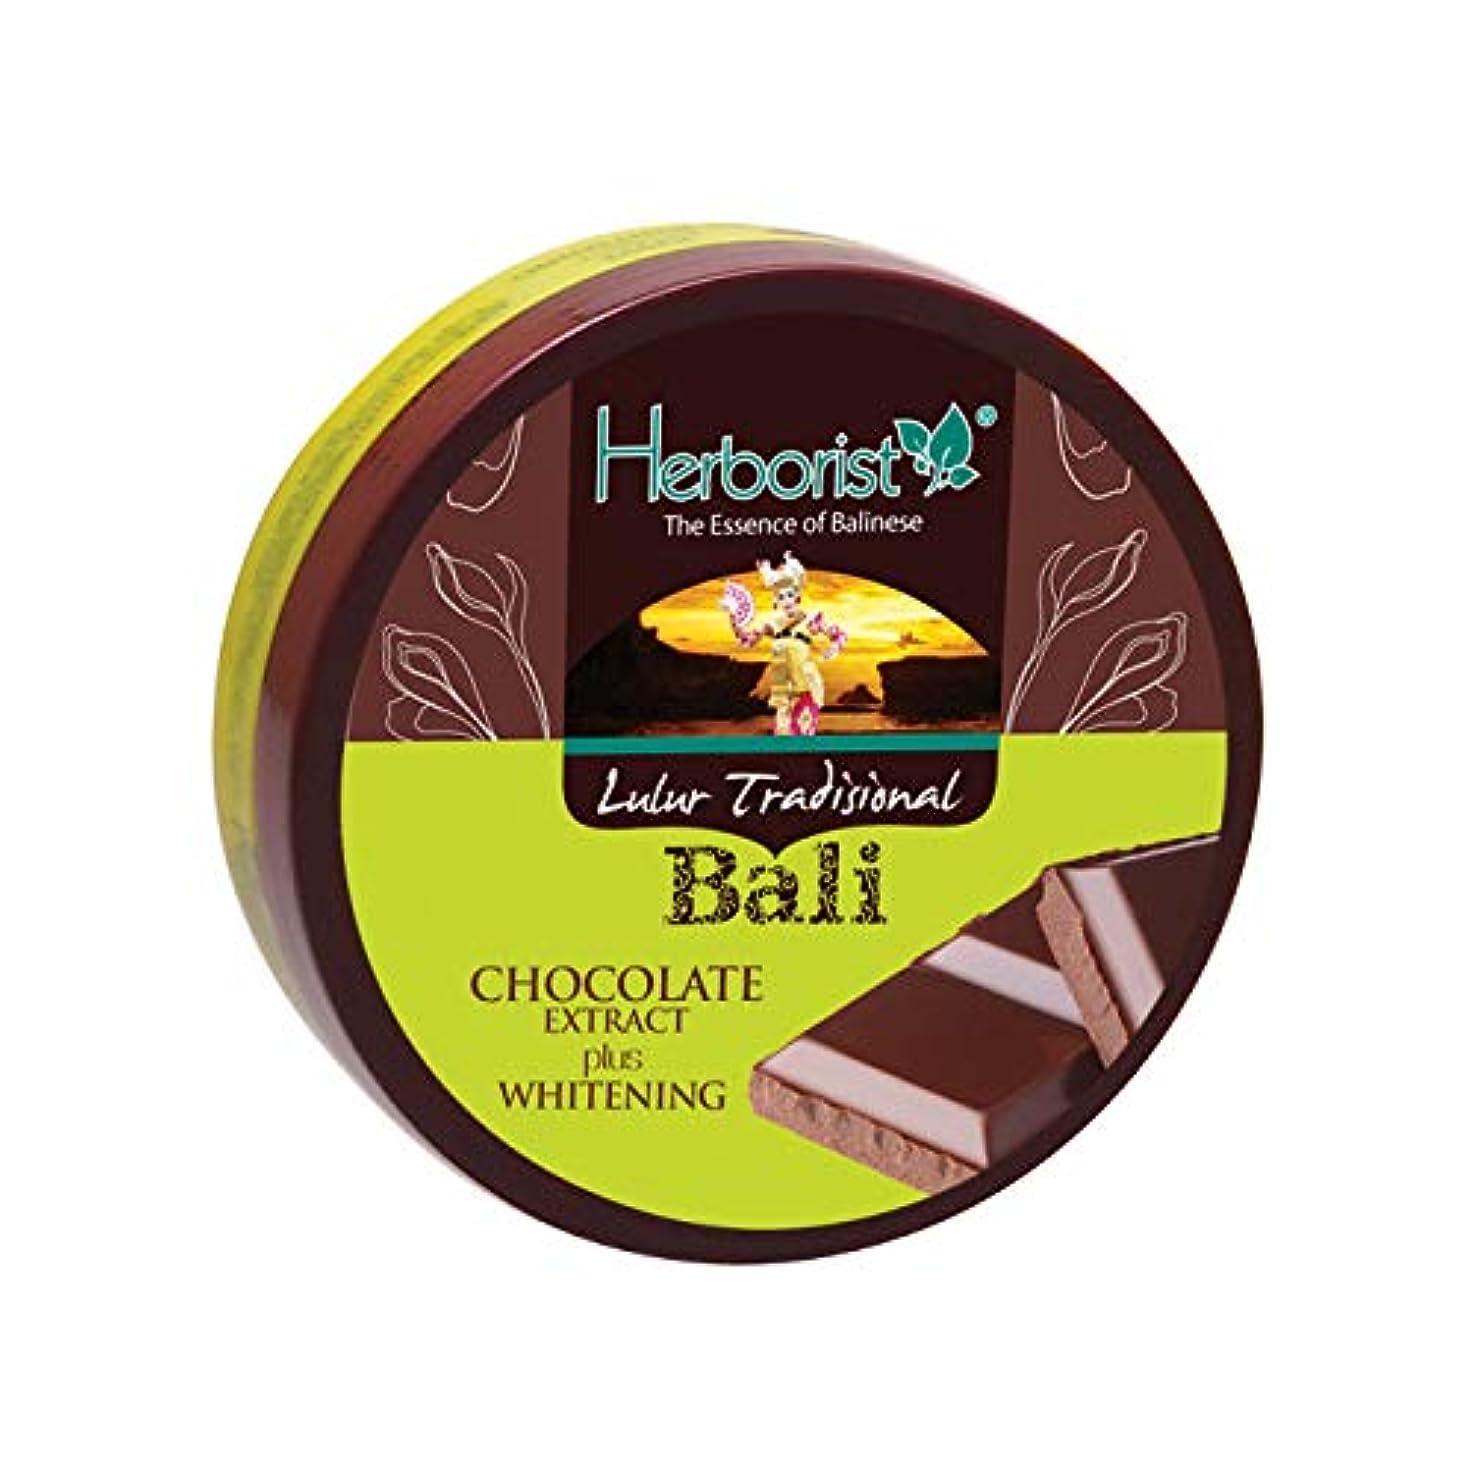 仮称自転車保育園Herborist ハーボリスト インドネシアバリ島の伝統的なボディスクラブ Lulur Tradisional Bali ルルールトラディショナルバリ 100g Chocolate チョコレート [海外直送品]